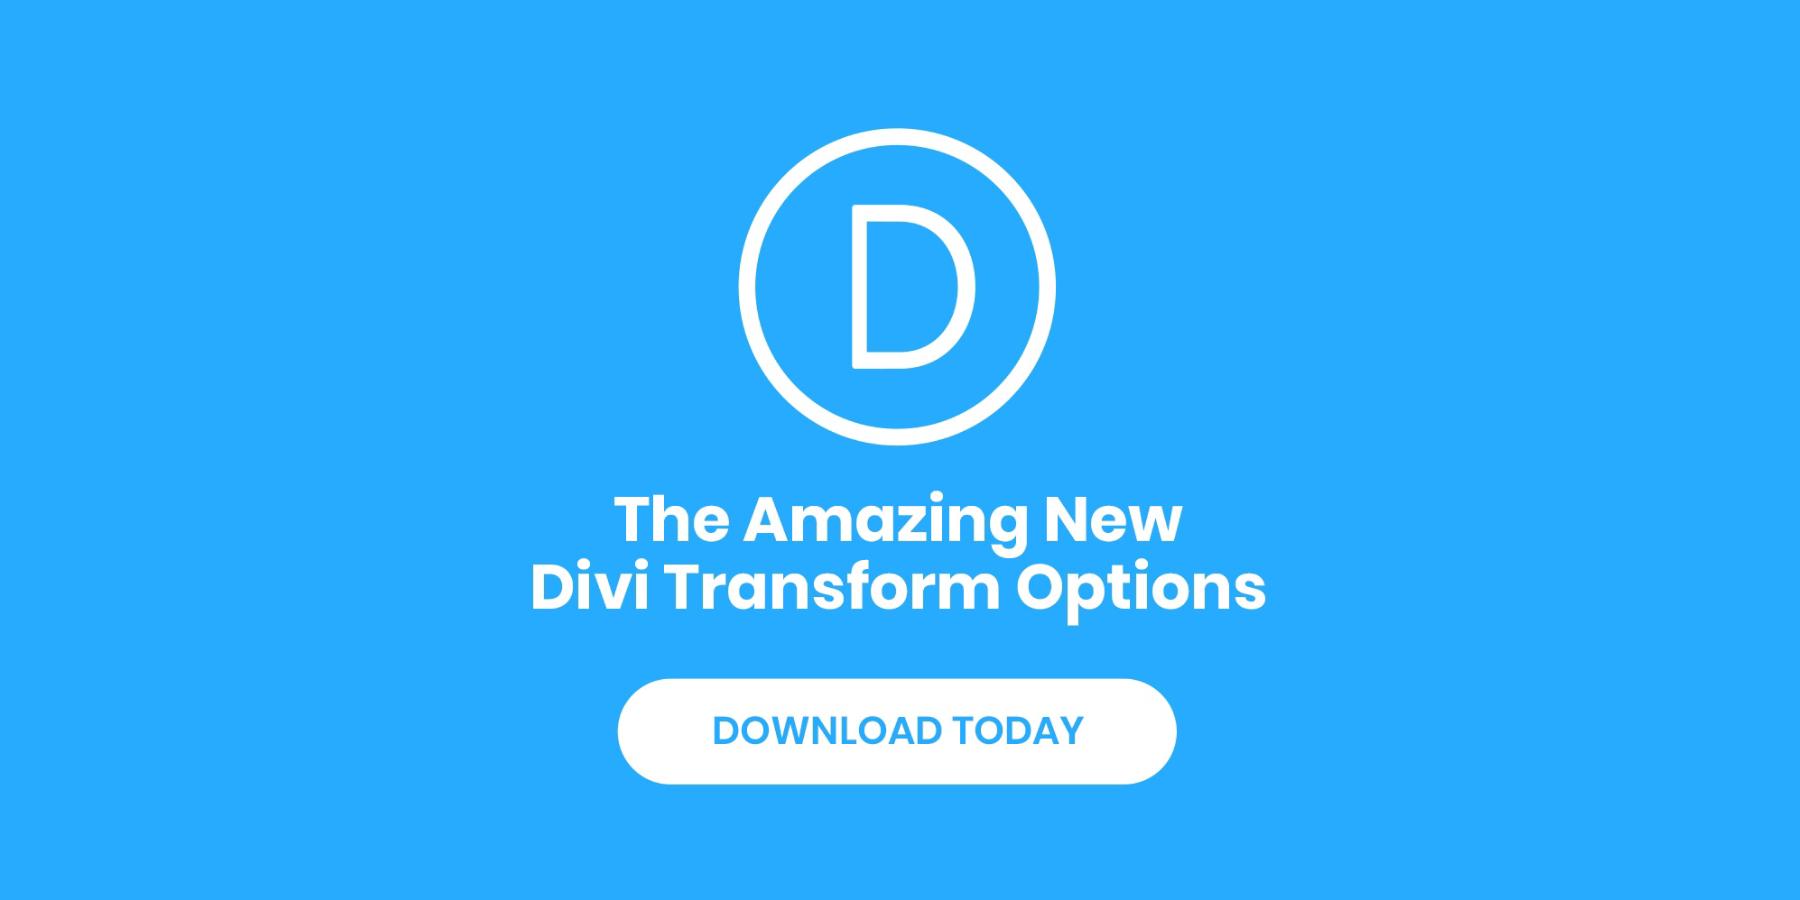 Divi Transformation Controls